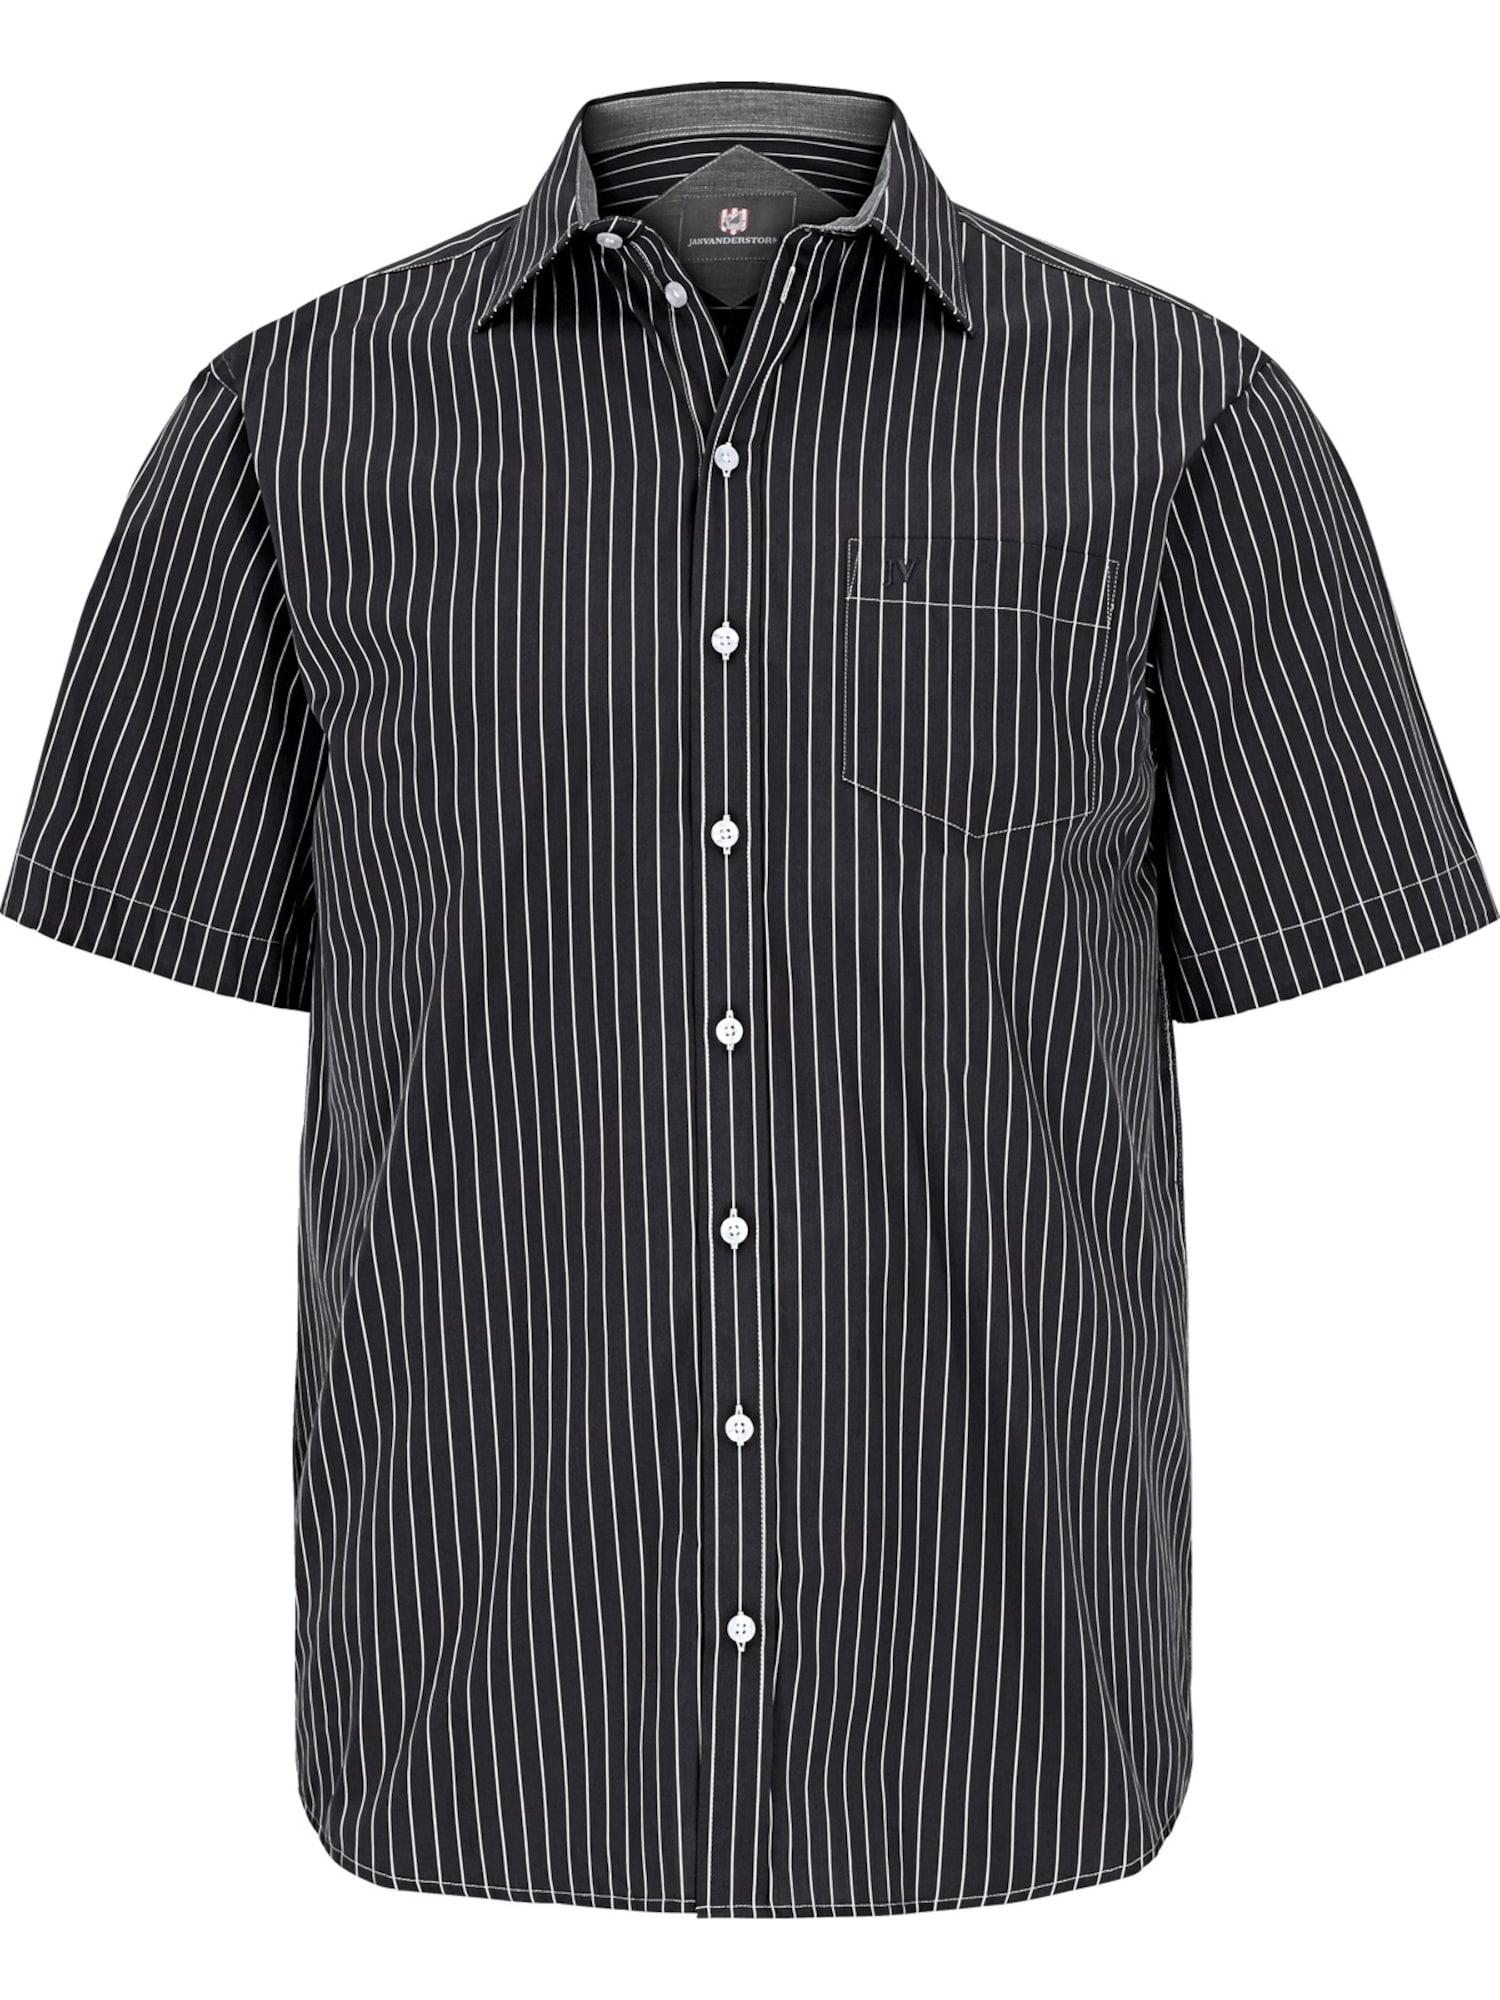 Hemd ' Perttu ' | Bekleidung > Hemden > Sonstige Hemden | jan vanderstorm